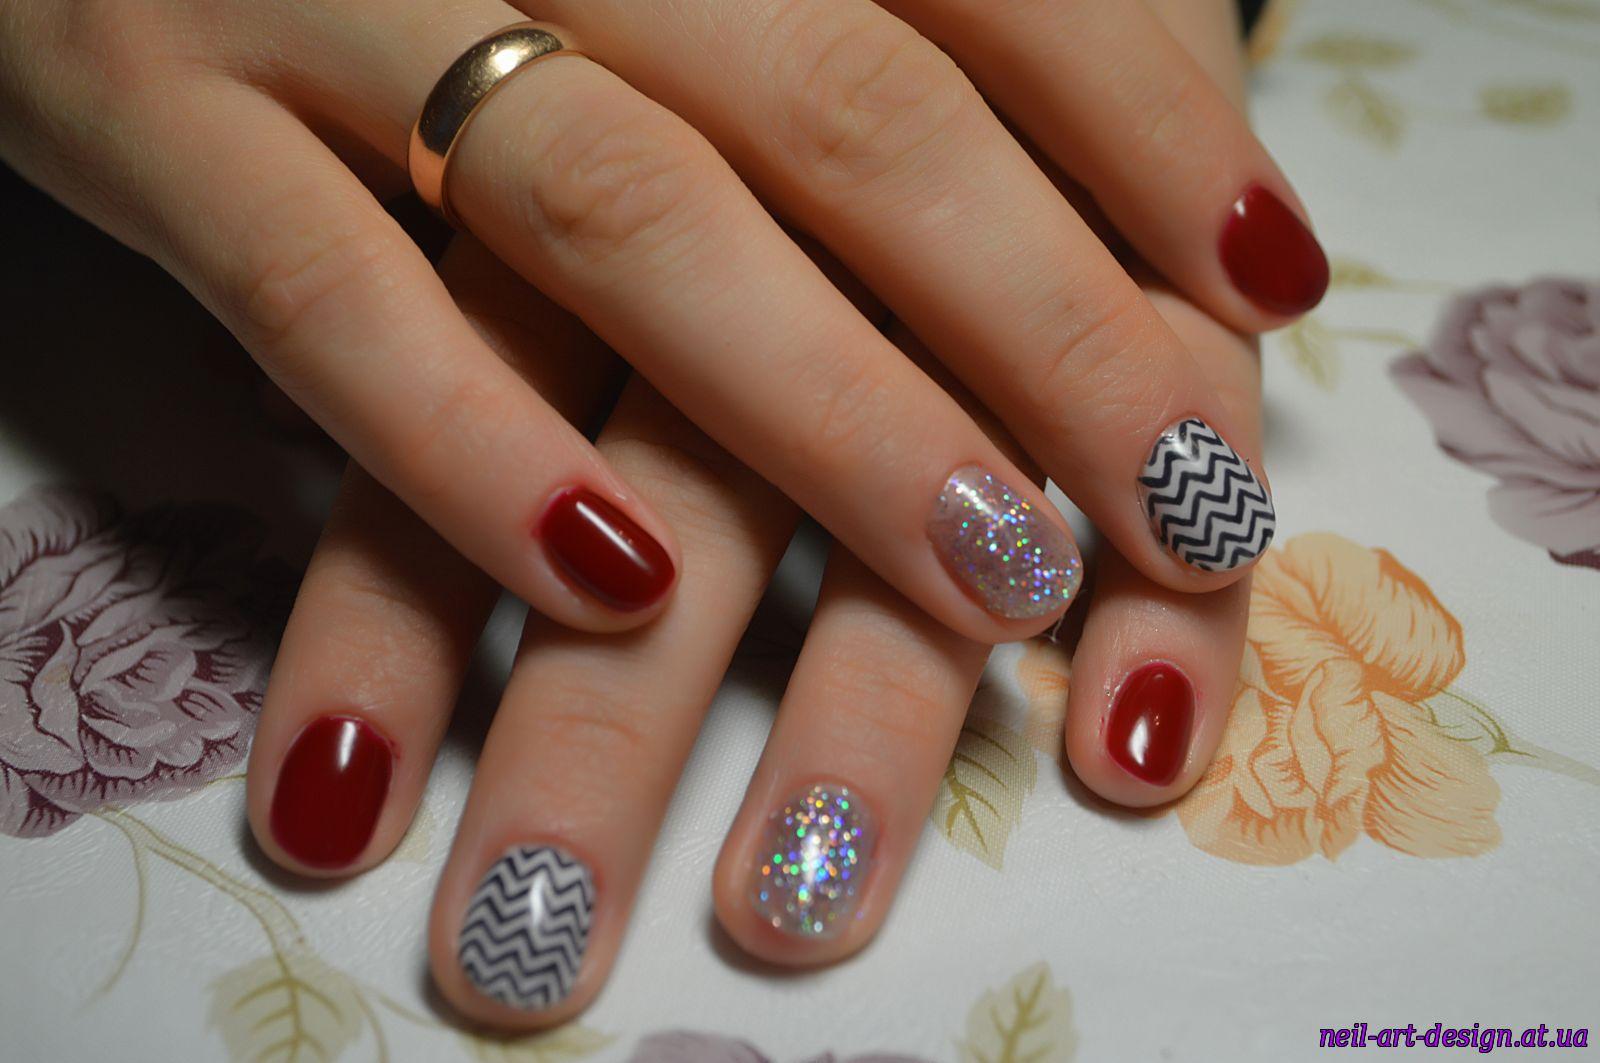 Вишневый маникюр: фото дизайна ногтей вишневого цвета 4